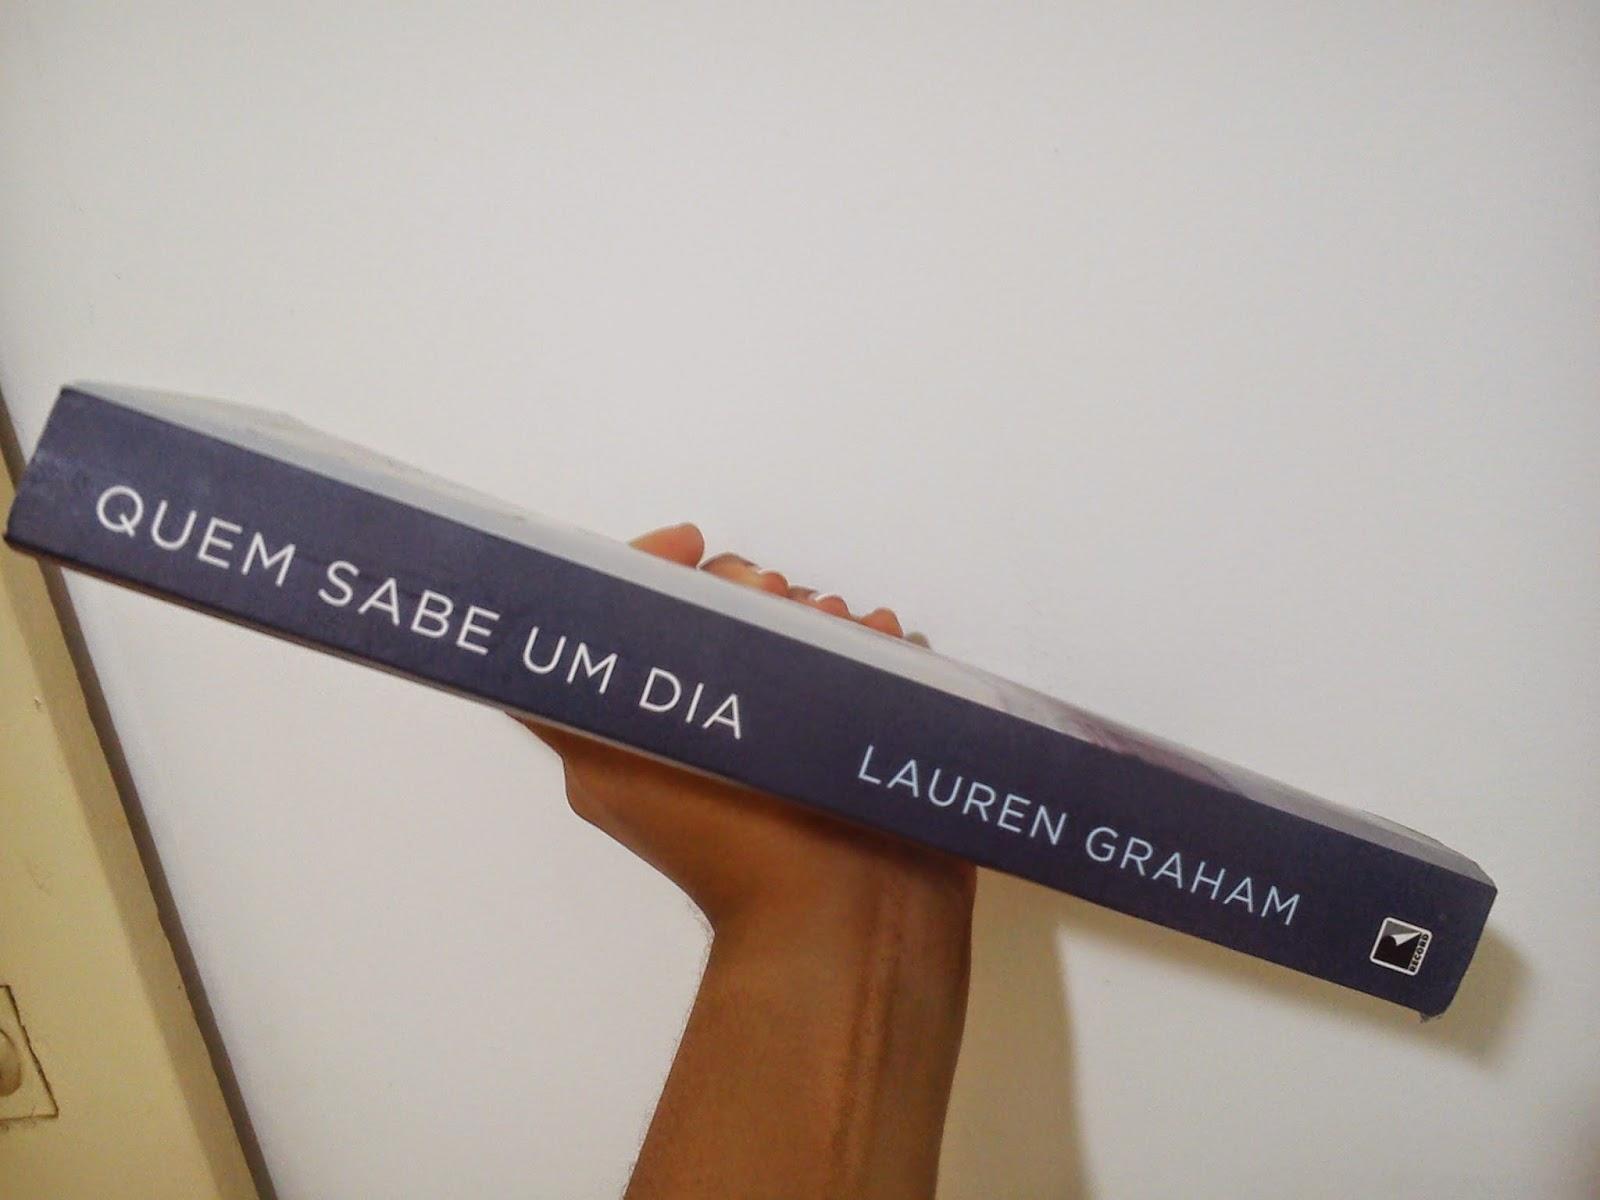 2015 01 18%2B05.07.17%2B1 - Quem sabe um dia - Lauren Graham